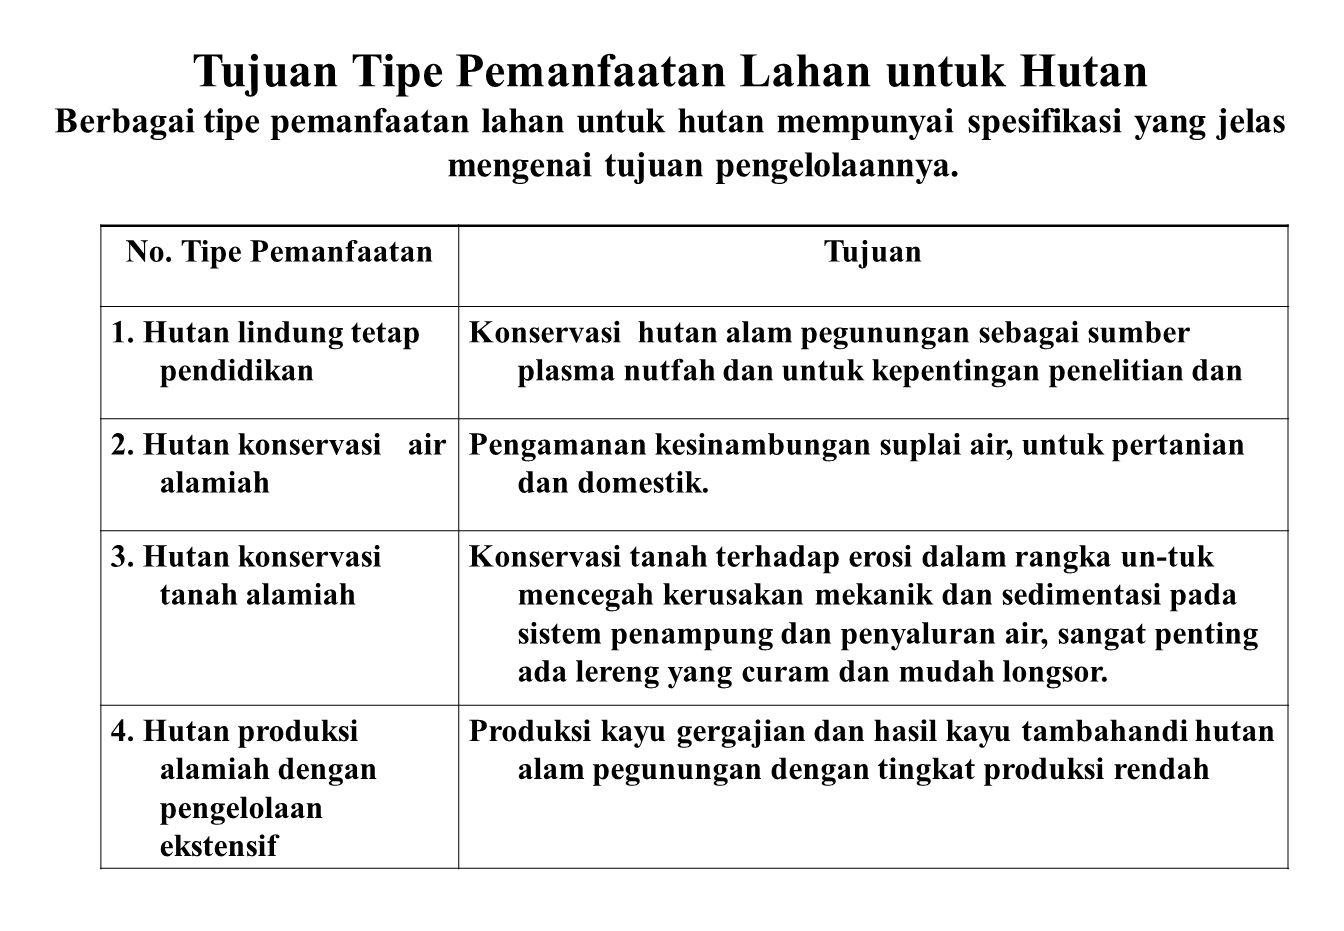 Tujuan Tipe Pemanfaatan Lahan untuk Hutan Berbagai tipe pemanfaatan lahan untuk hutan mempunyai spesifikasi yang jelas mengenai tujuan pengelolaannya.